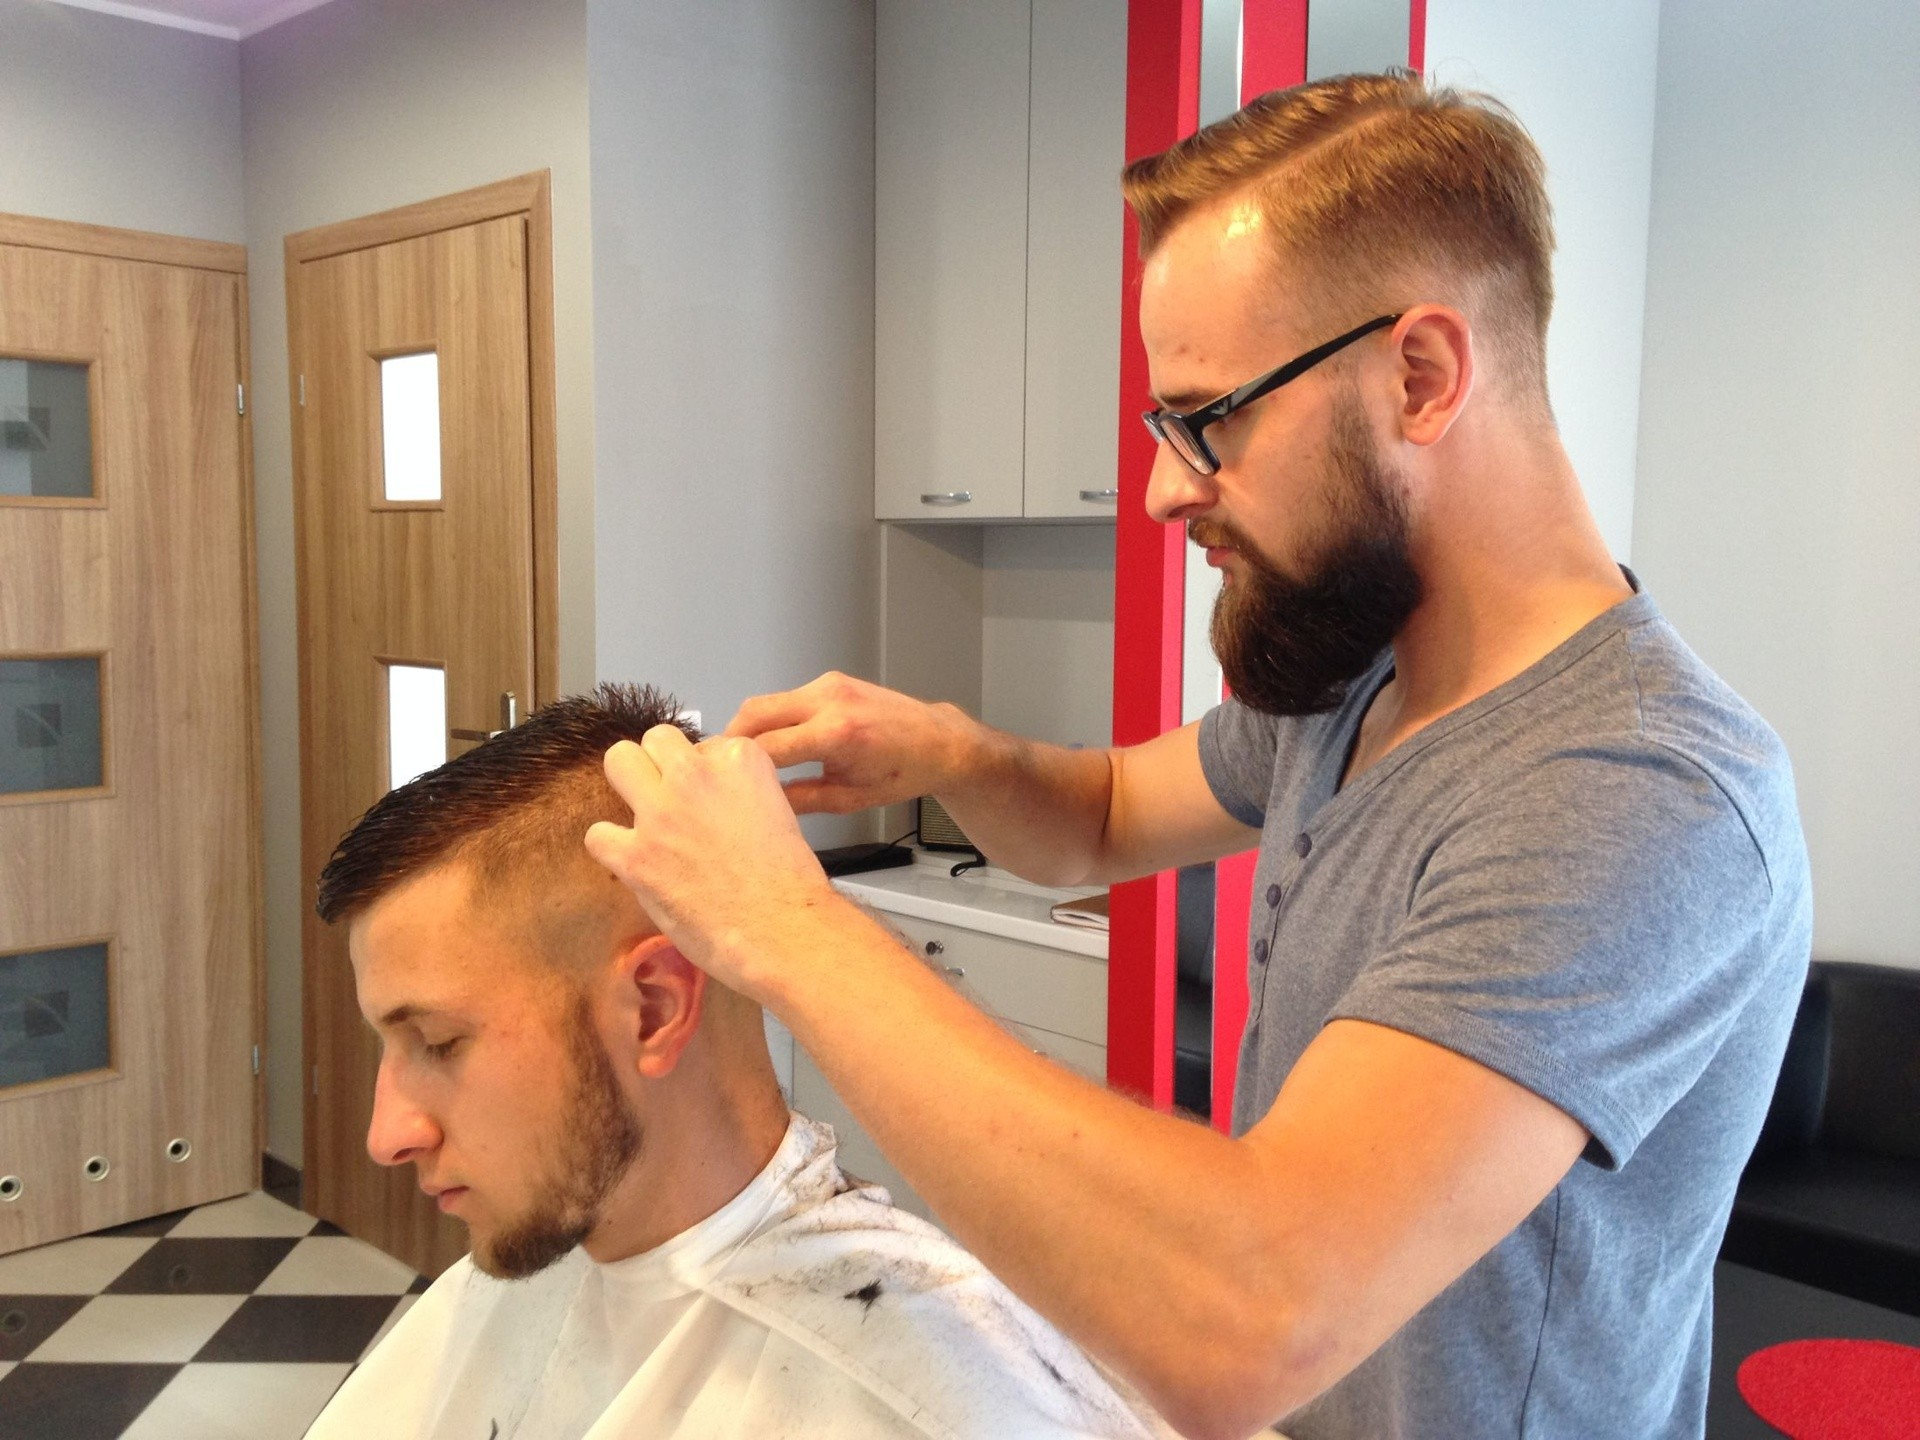 Znany Maciek Nowy Barber Shop W Kielcach Echodniaeu